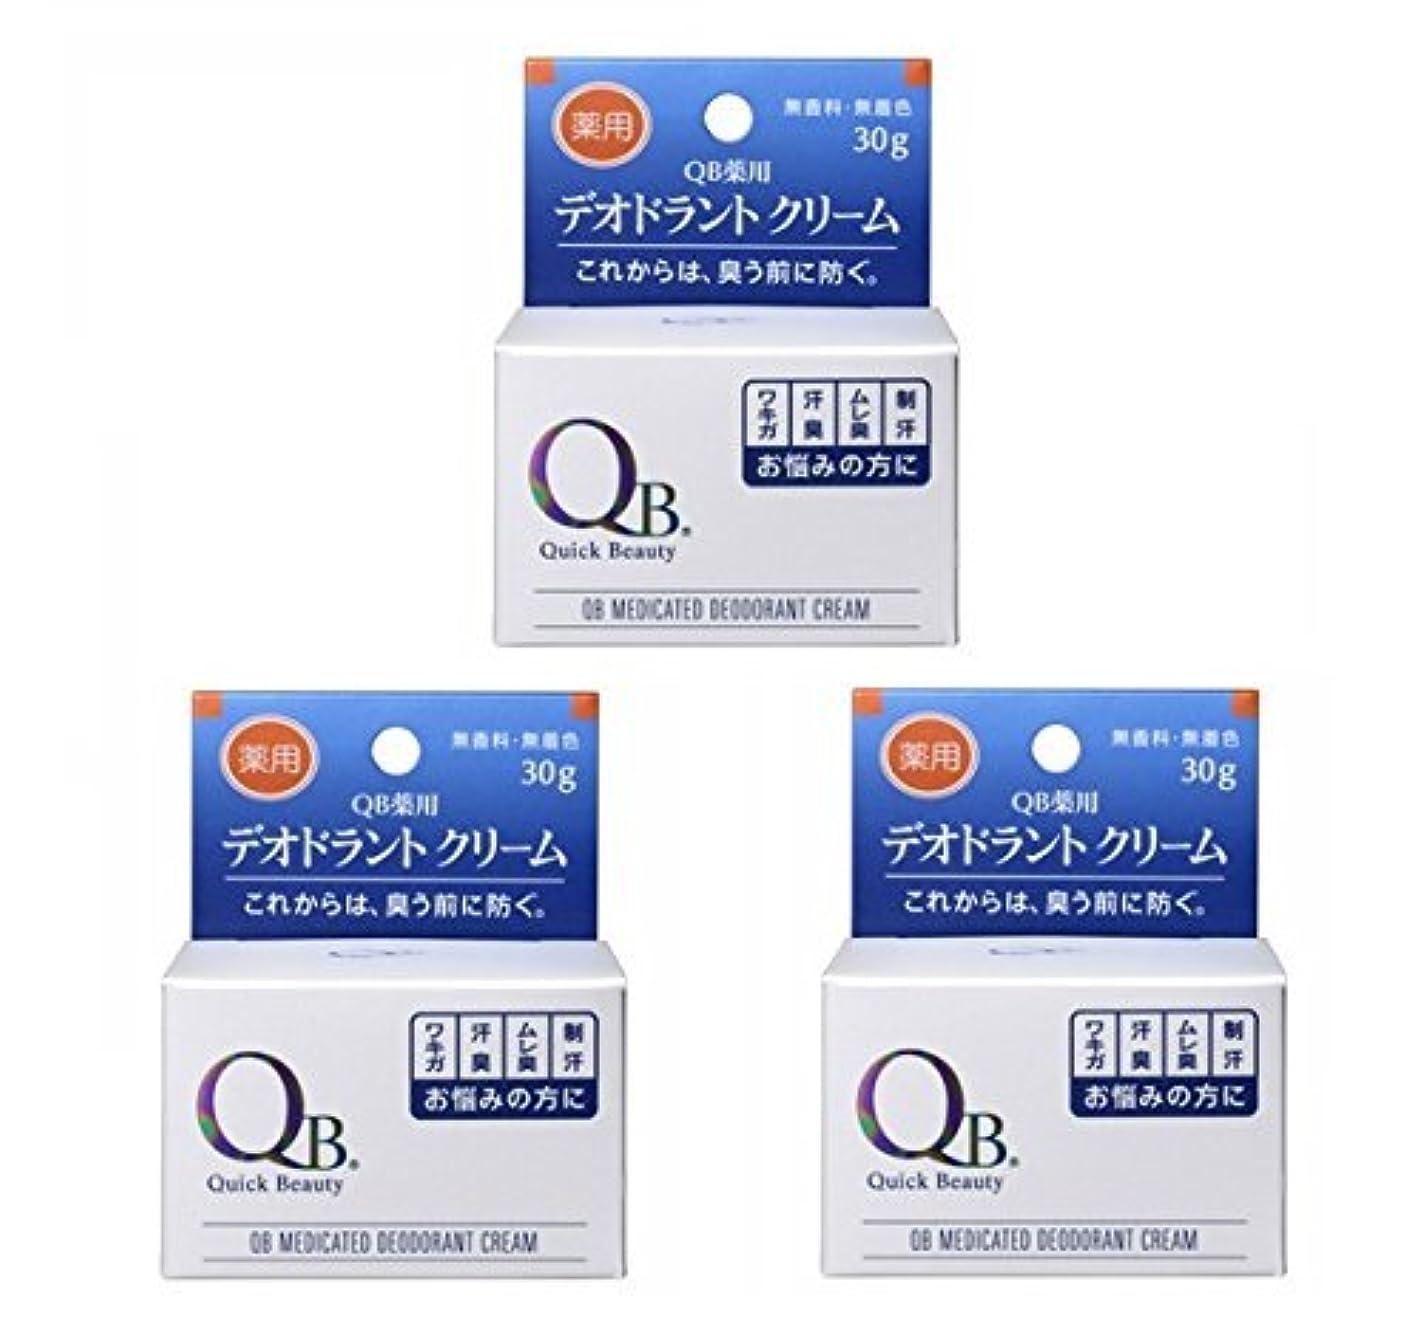 鋸歯状純粋な配送QB薬用デオドラントクリーム 30g×3個セット